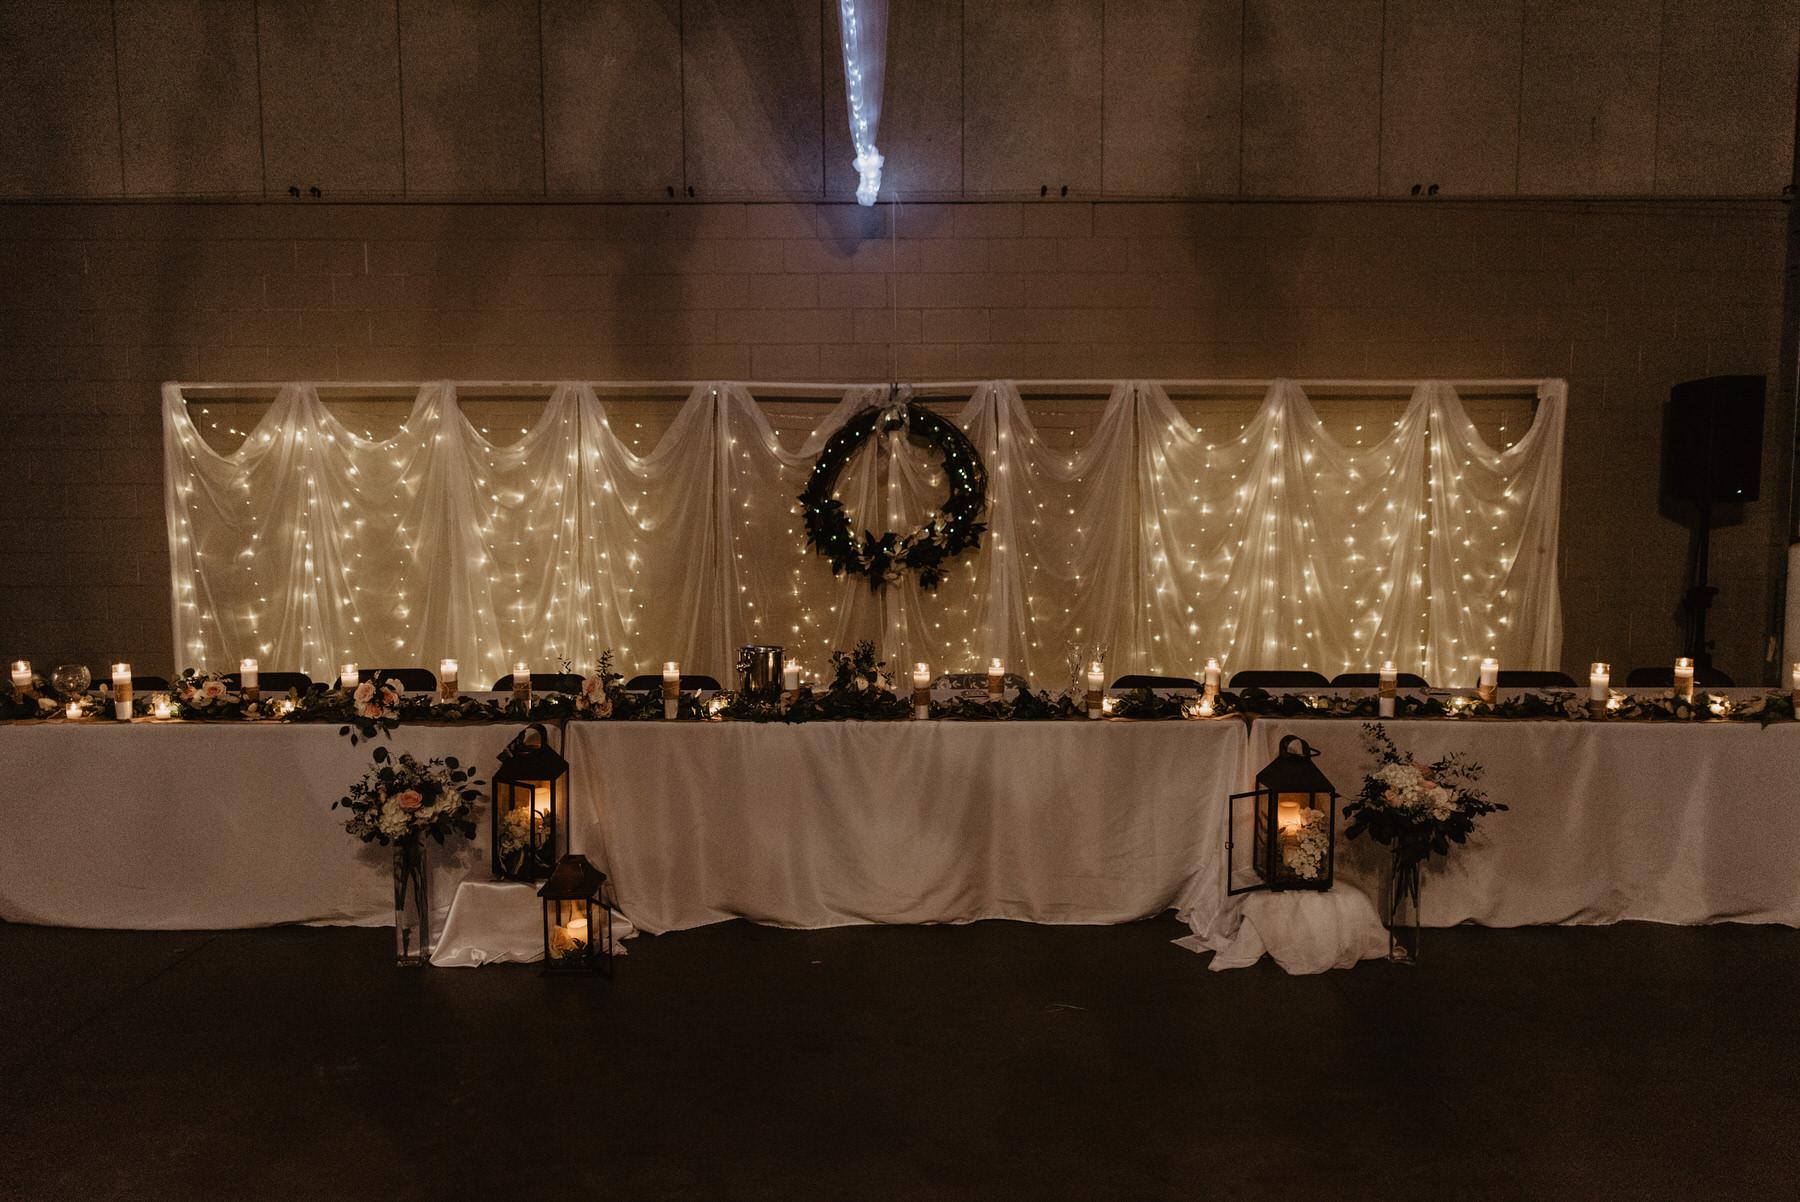 Kaylie-Sirek-Photography-Kearney-Nebraska-Wedding-102.jpg